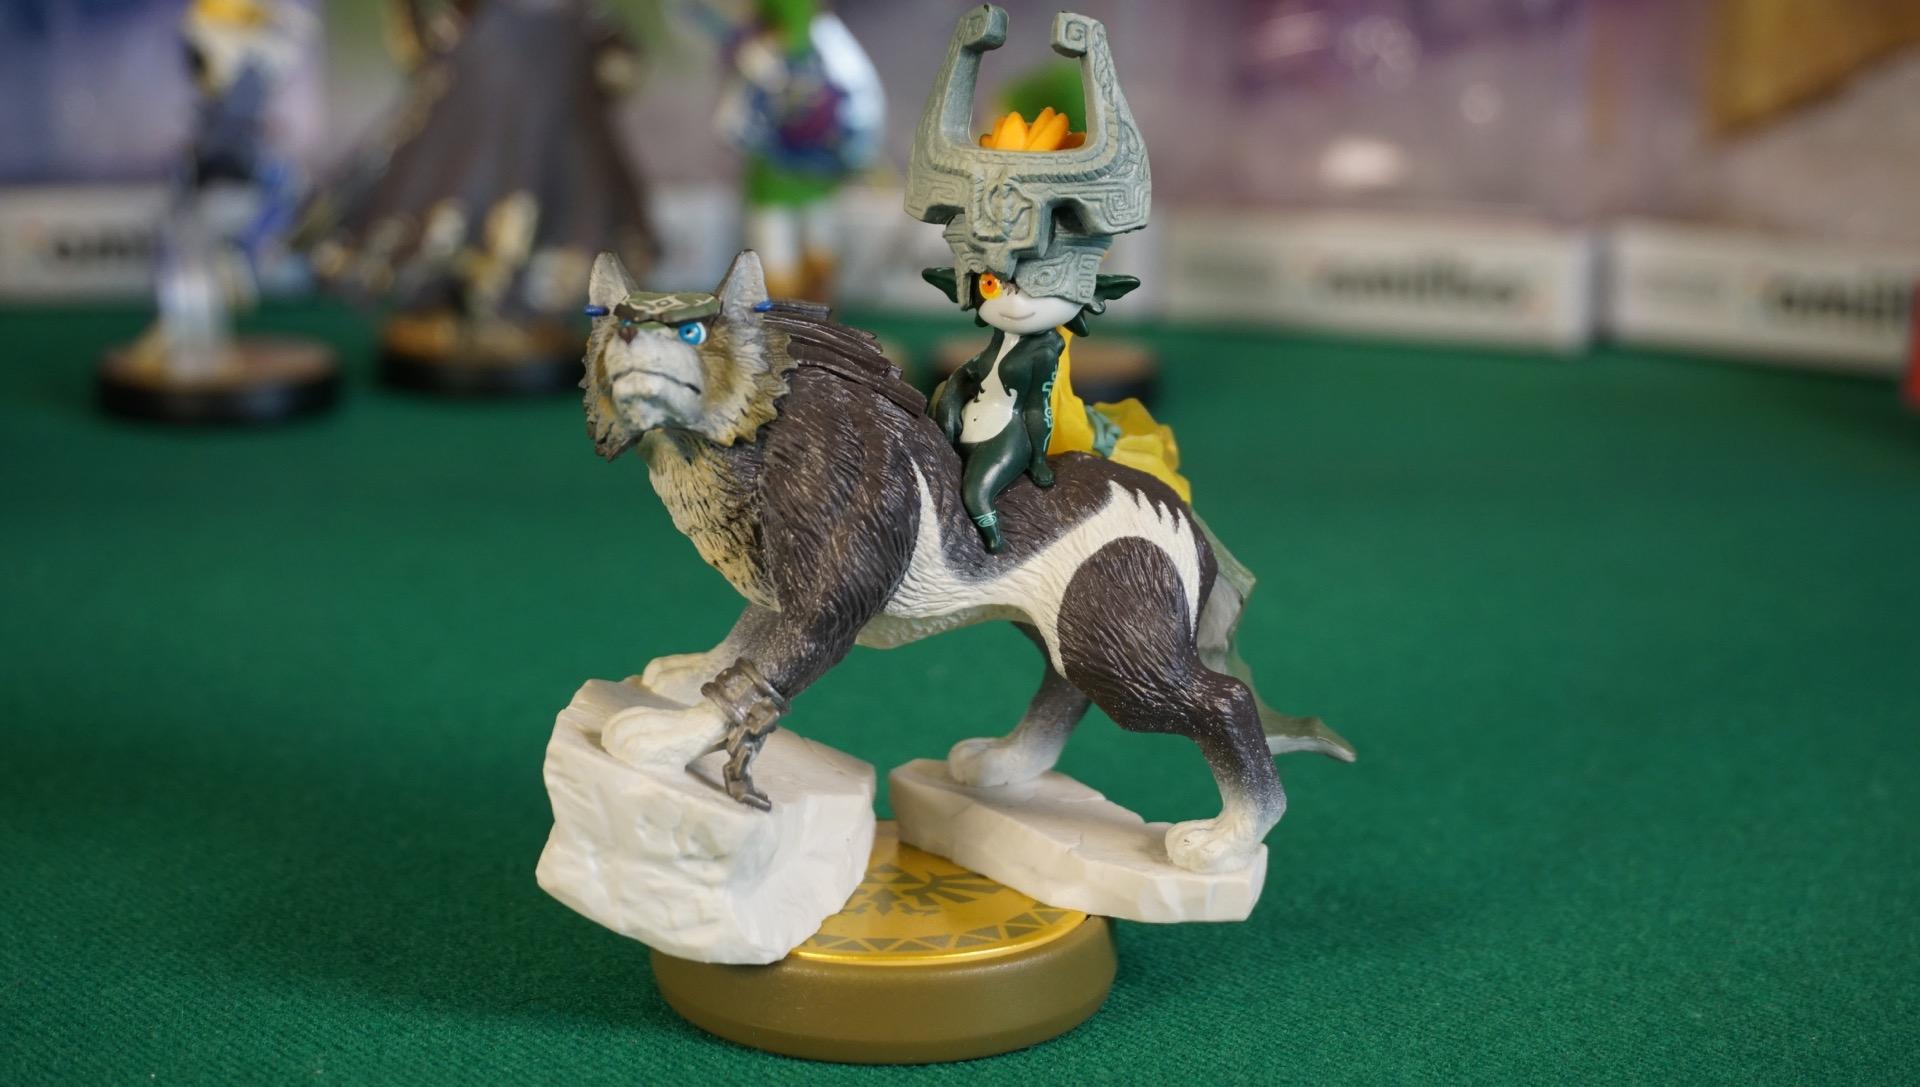 Zelda amiibo unboxing master edition21